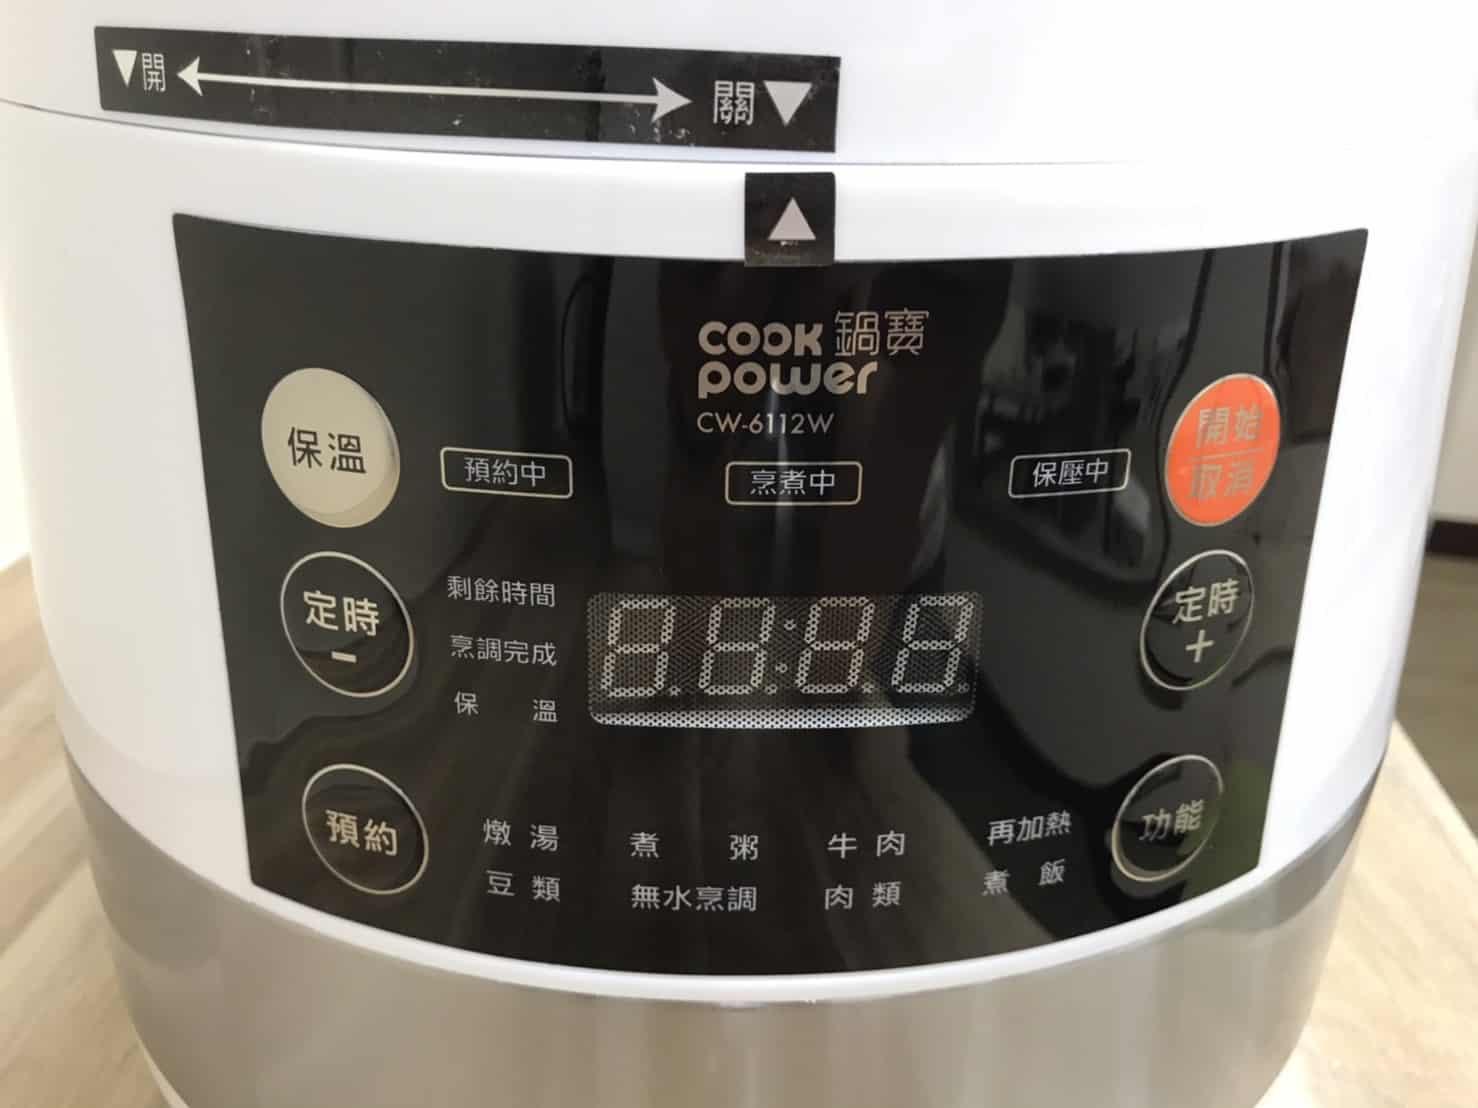 鍋寶萬用壓力鍋操作面板